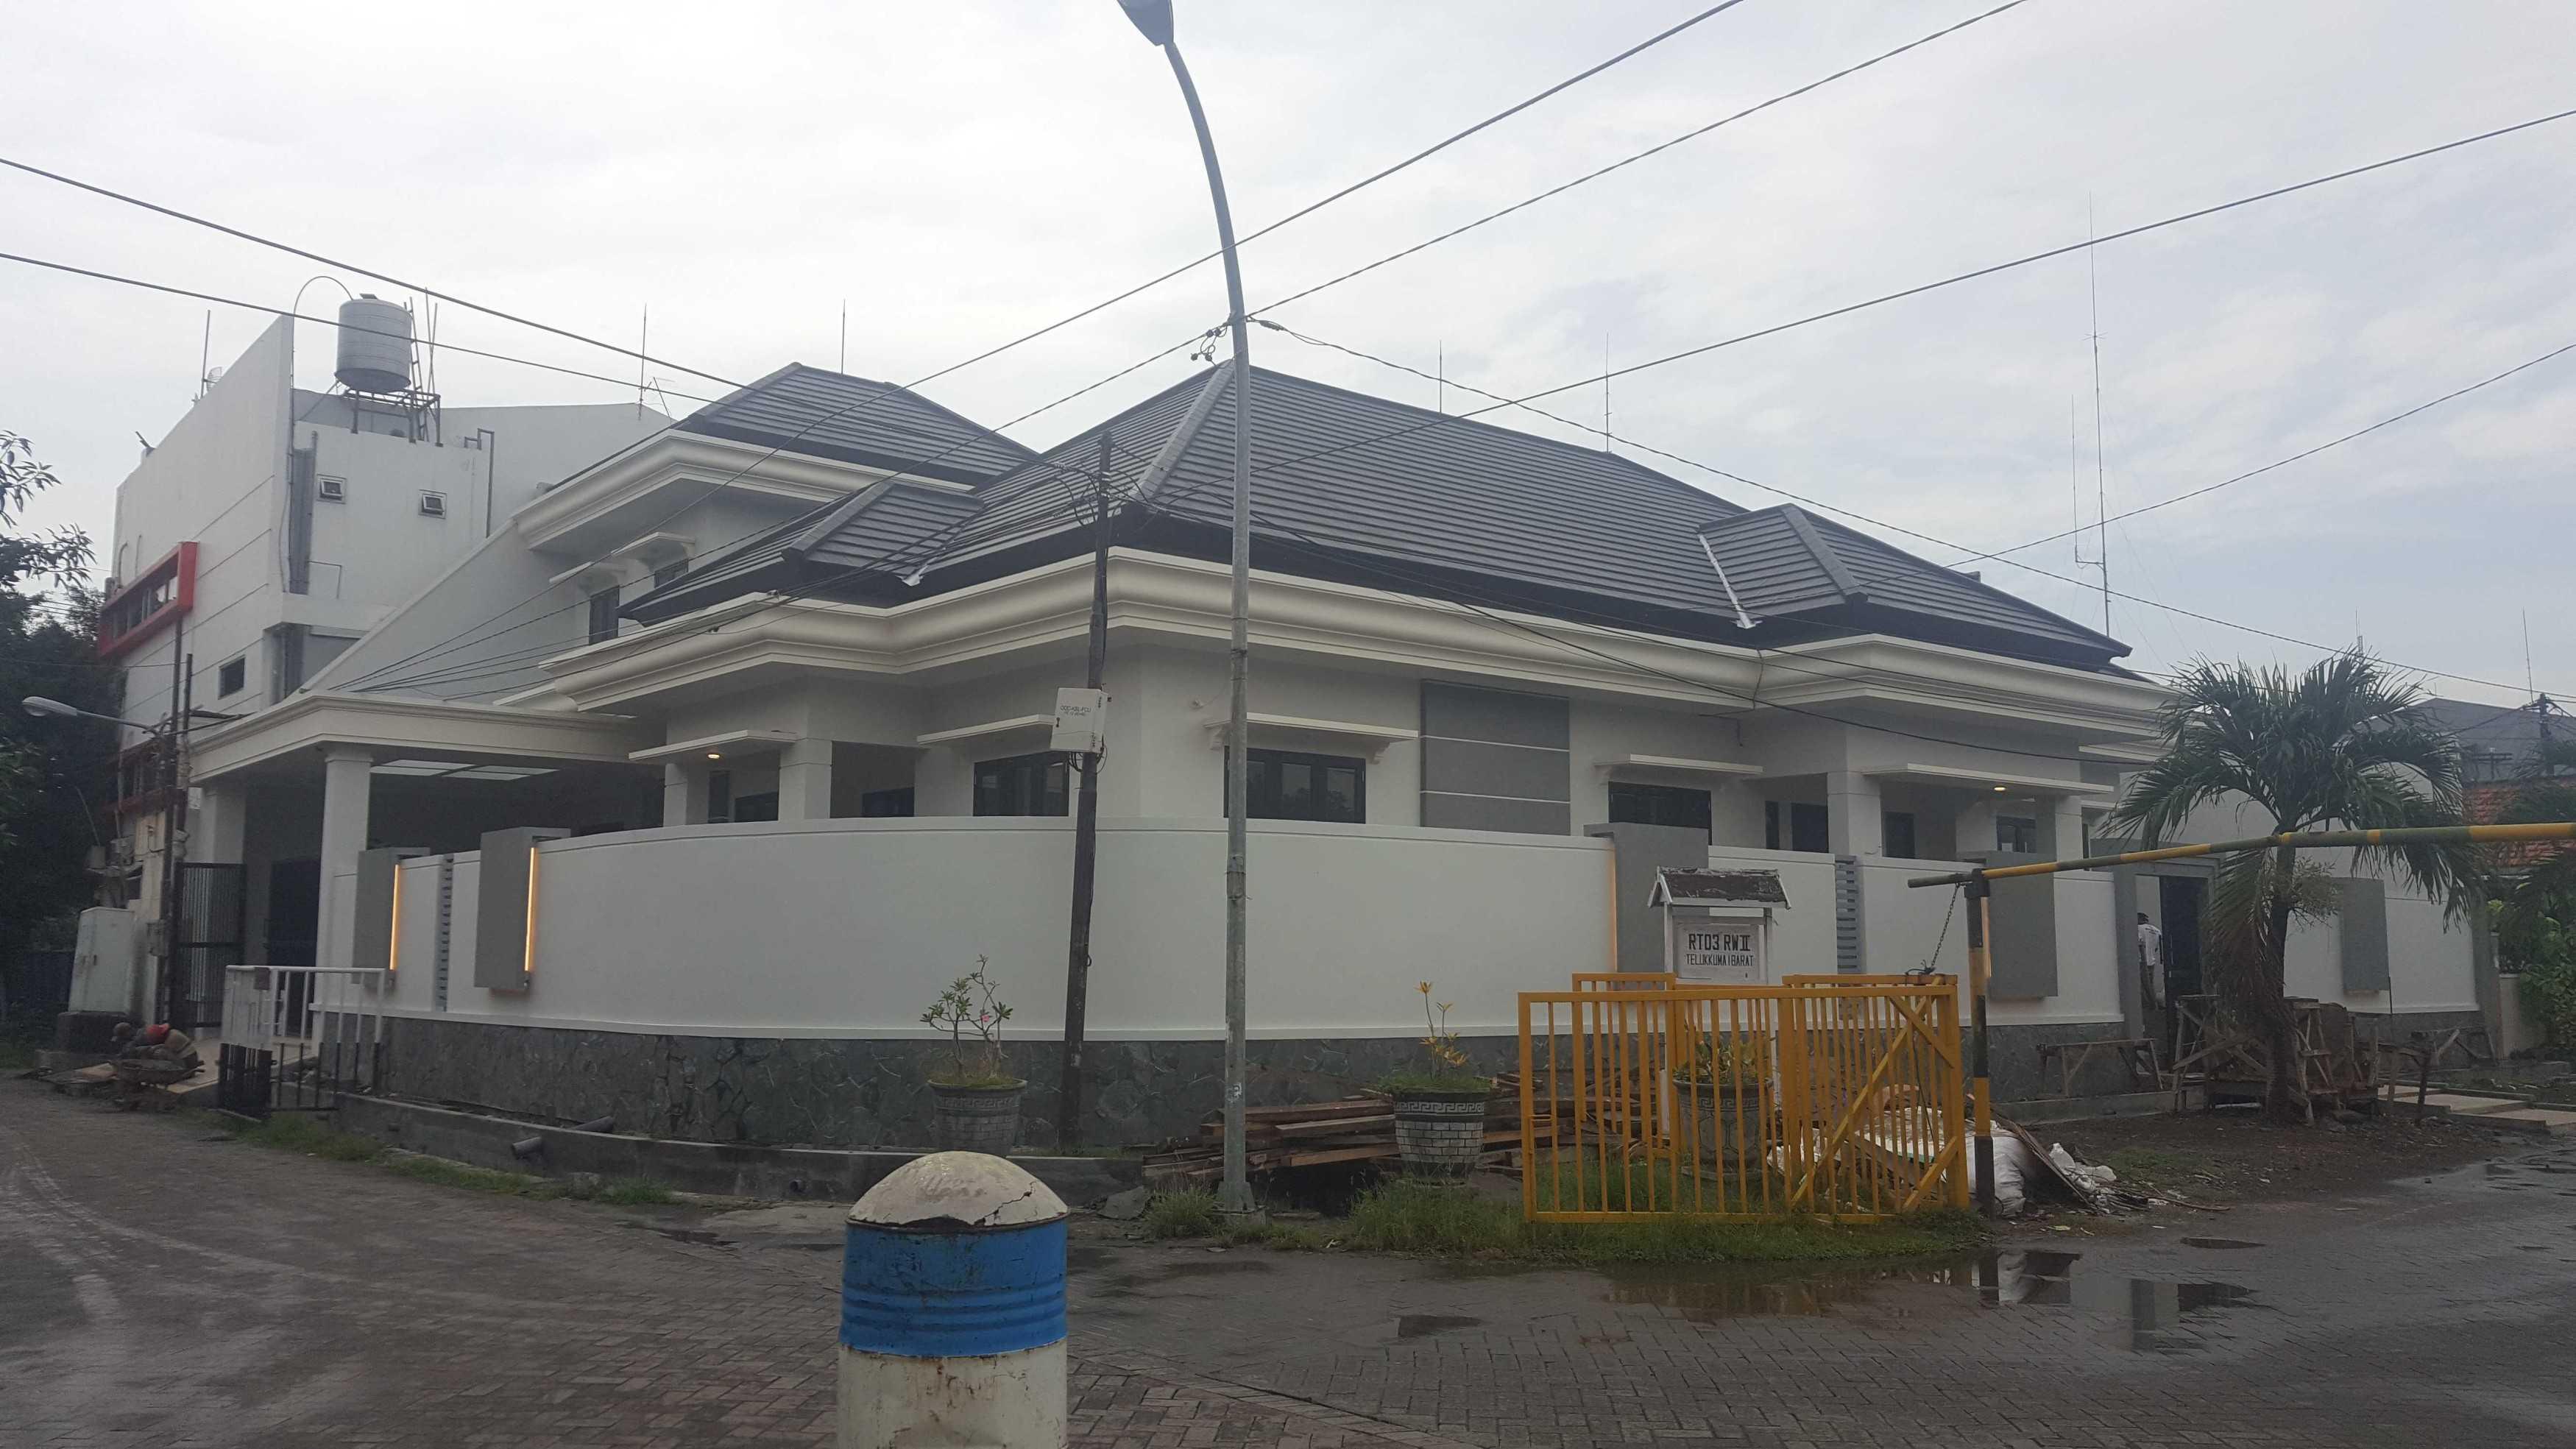 Abdullah,st Rumah Pribadi 1,5 Lantai Surabaya, Kota Sby, Jawa Timur, Indonesia Surabaya, Kota Sby, Jawa Timur, Indonesia Abdullah-Rumah-Pribadi-15-Lantai Modern  67120